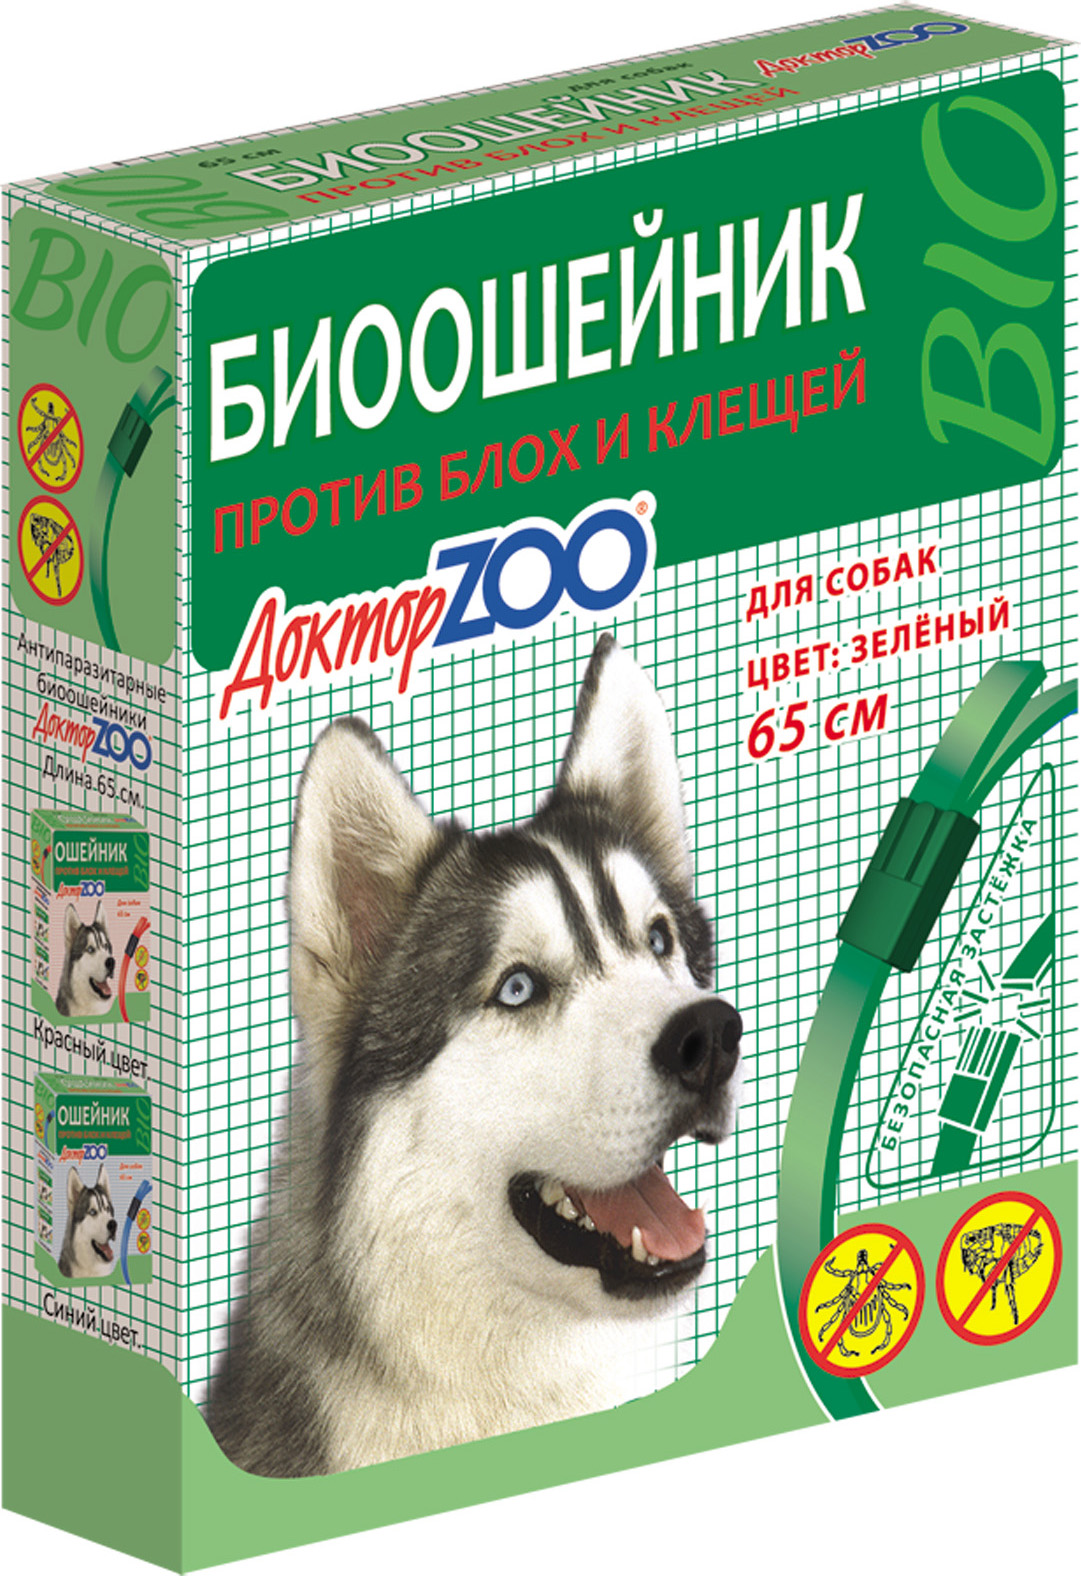 БИОошейник Доктор ZOO, для собак, от блох и клещей, цвет: зеленый, 65 см спрей моющий для дезинфекции и ликвидации запахов zoo clean зоосан